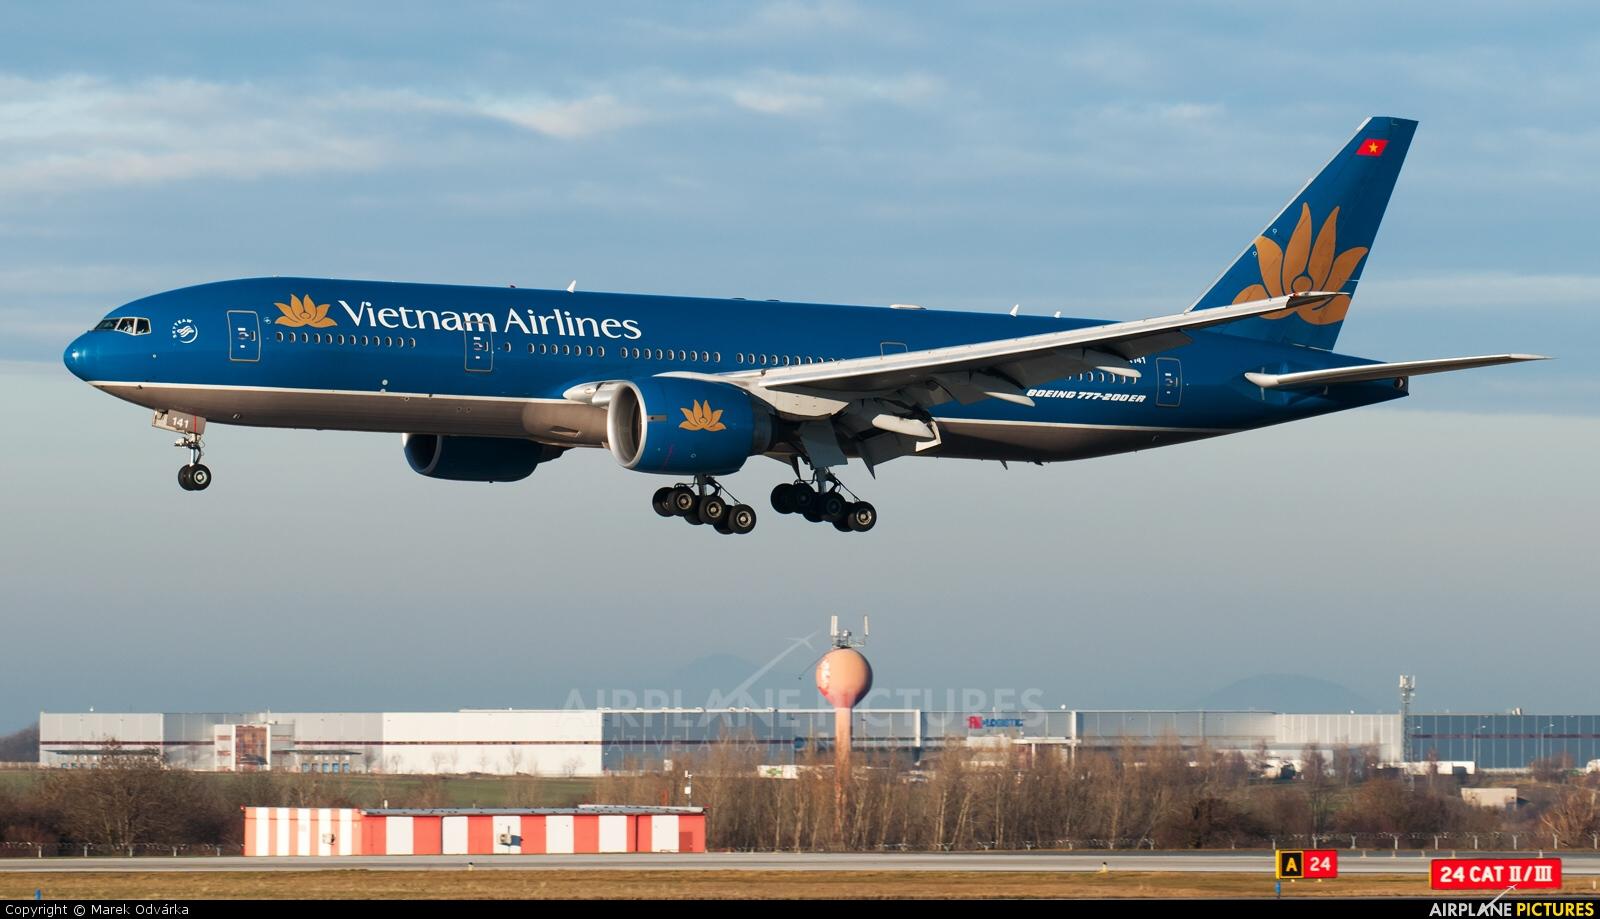 Vietnam Airlines VN-A141 aircraft at Prague - Václav Havel